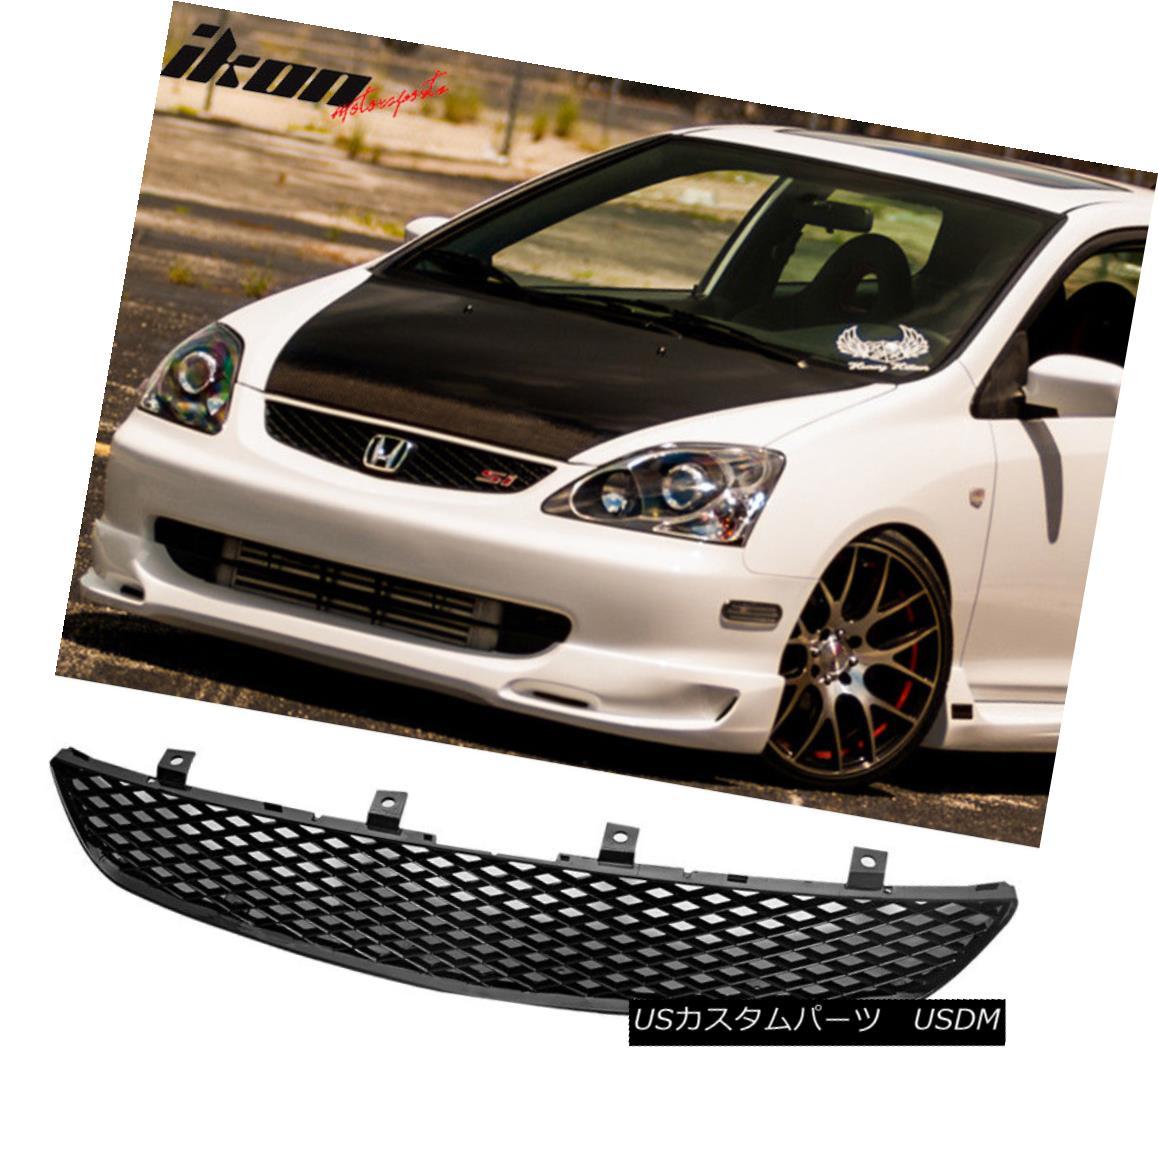 新素材新作 グリル Fits 02-05 Honda Civic 3Dr Ep3 Ep3 SI 3Dr EP3 Hatchback Grill Grille T-R フィット02-05ホンダシビック3Dr EP3 SIハッチバックグリルグリルT-R, GINZA XIAOMA:8784c23c --- priunil.ru